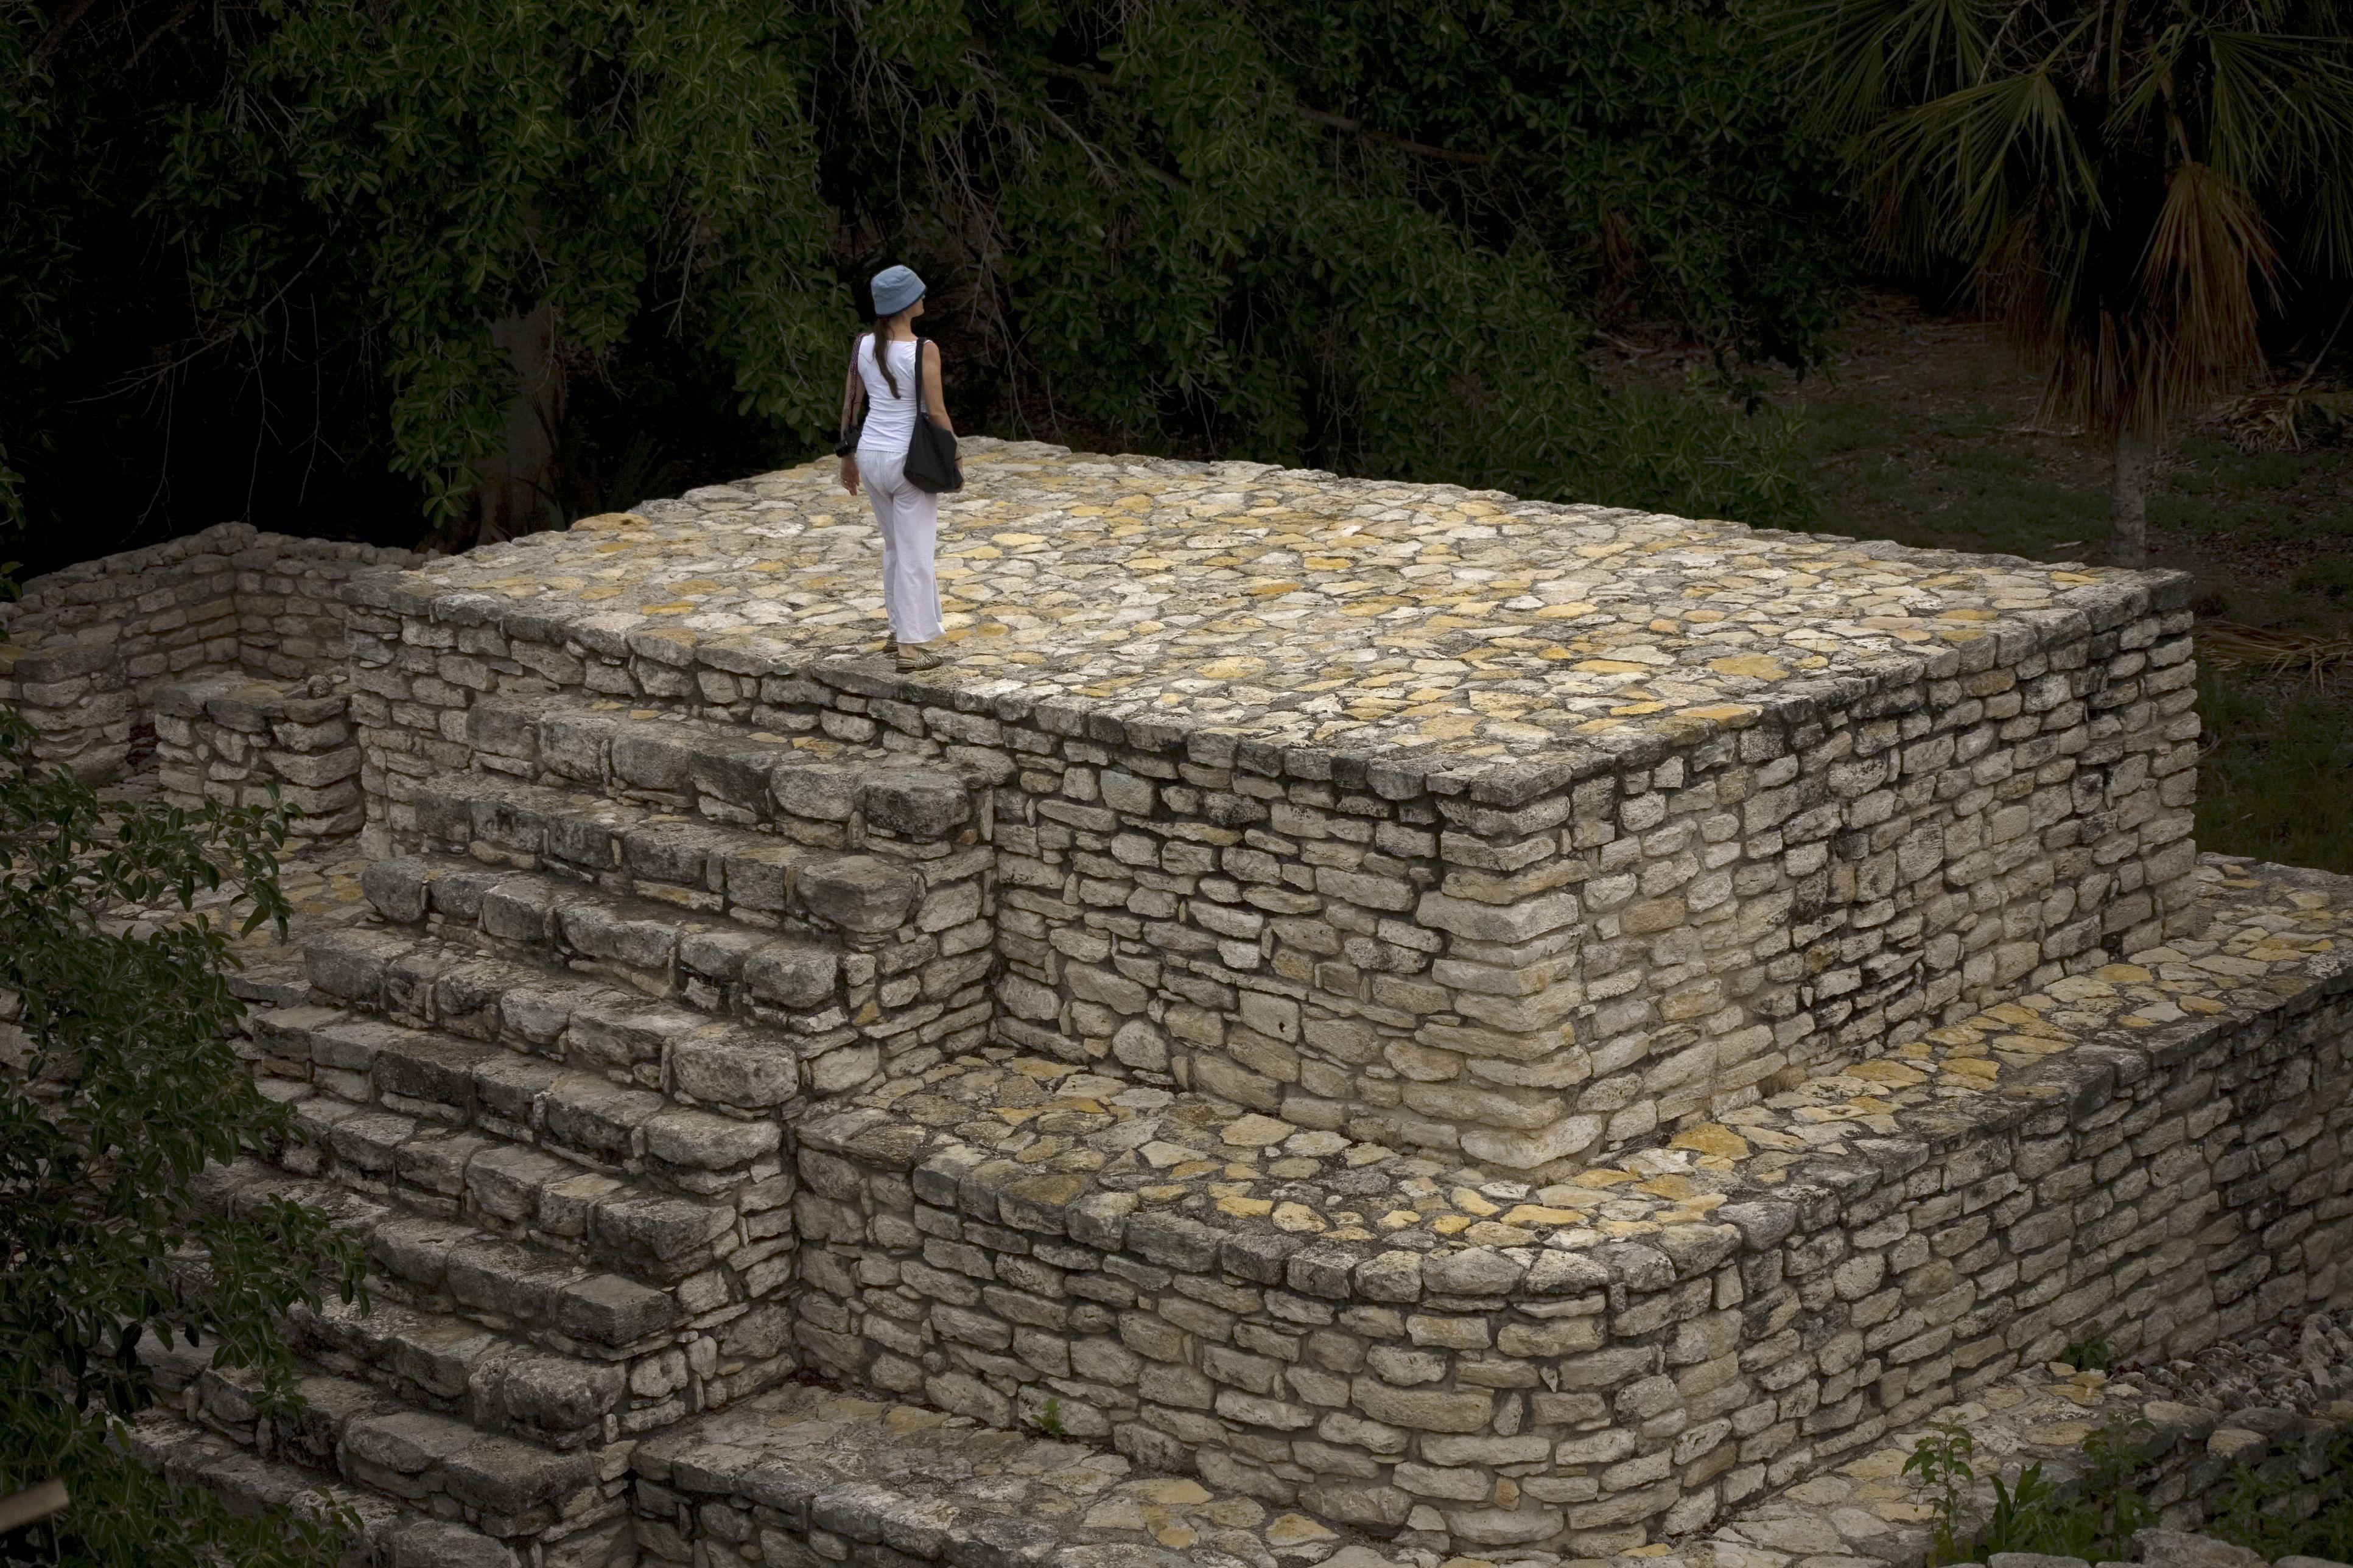 The Mayan ruins of Xcambo on Mexico's Yucatan peninsula